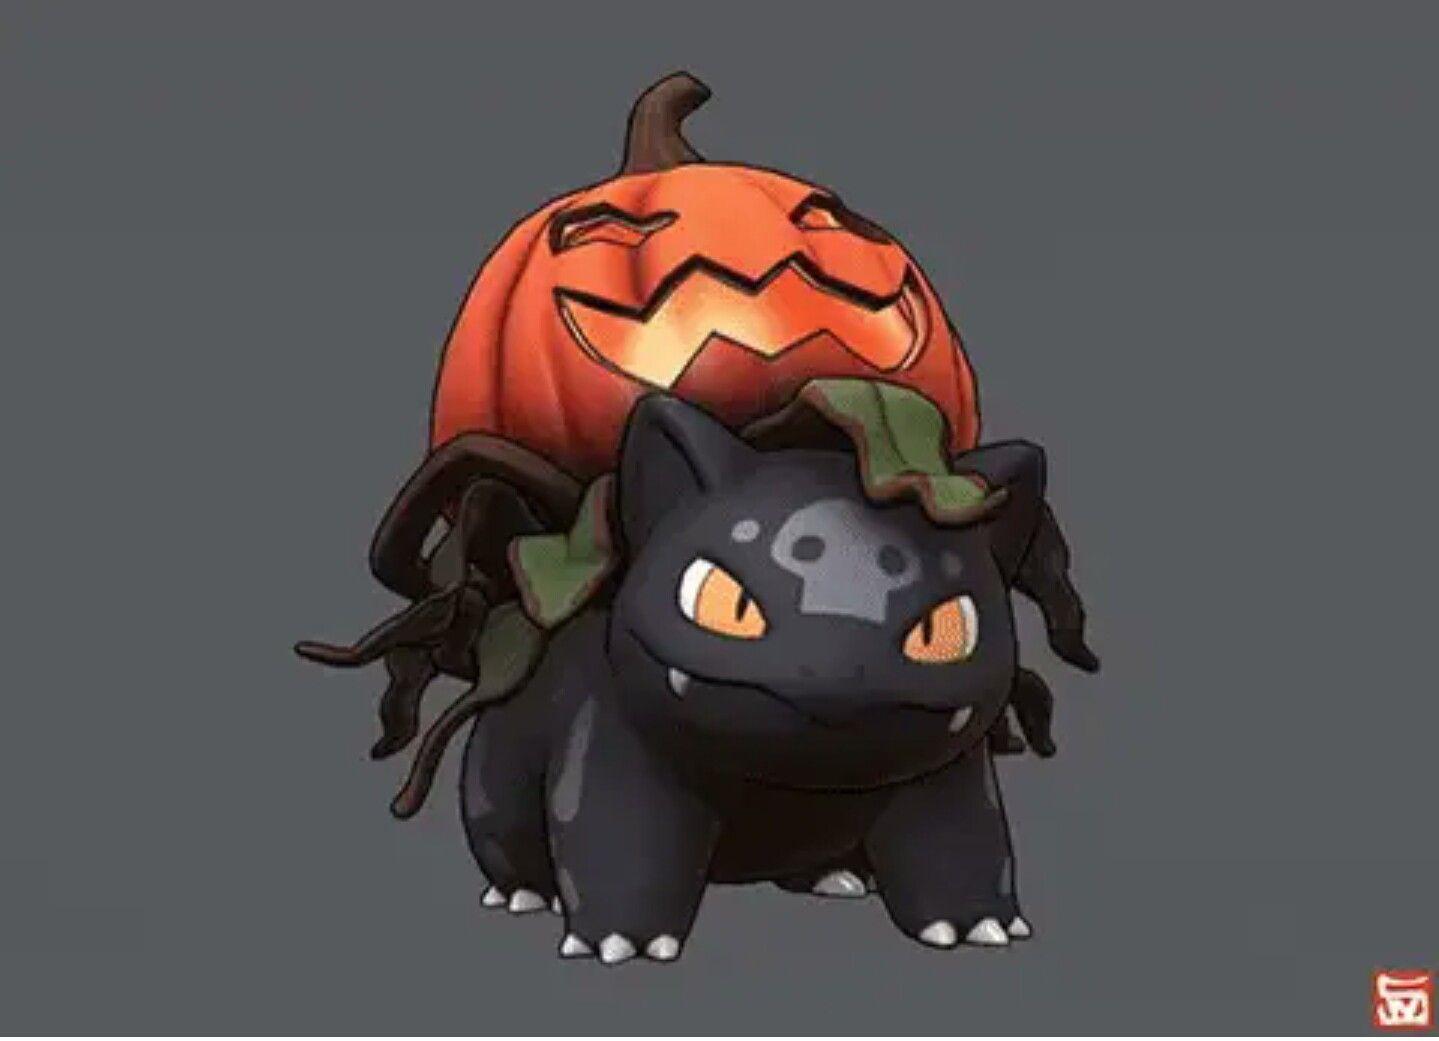 Halloween 2020 Artwork alexseanchai on Tumblr in 2020   Pokemon halloween, Cute pokemon